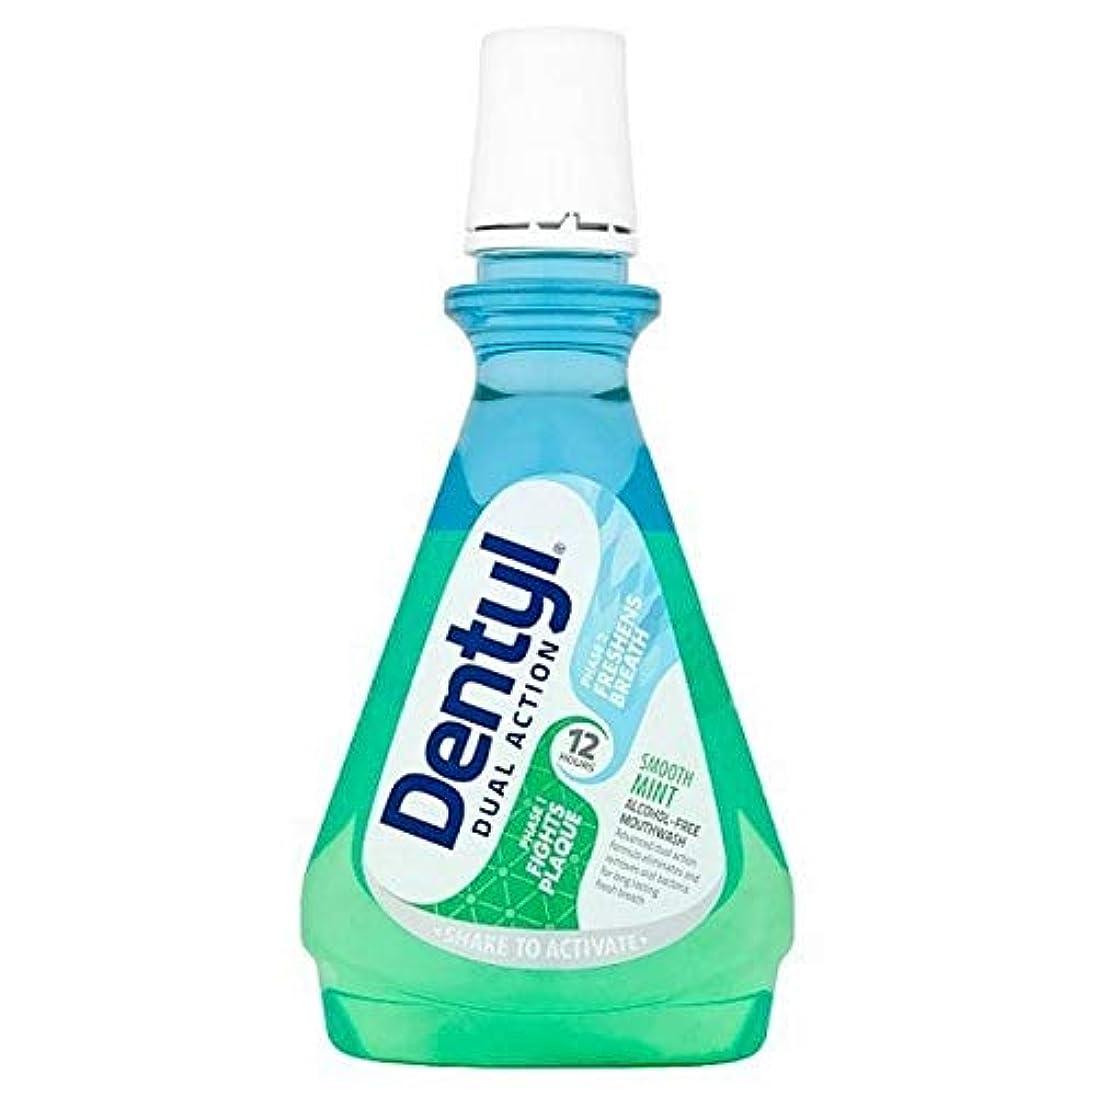 一貫した岩牧師[Dentyl] DentylのPhはミントアルコールフリーのミントマウスウォッシュ500ミリリットル - Dentyl PH Mint Alcohol Free Mint Mouthwash 500ml [並行輸入品]